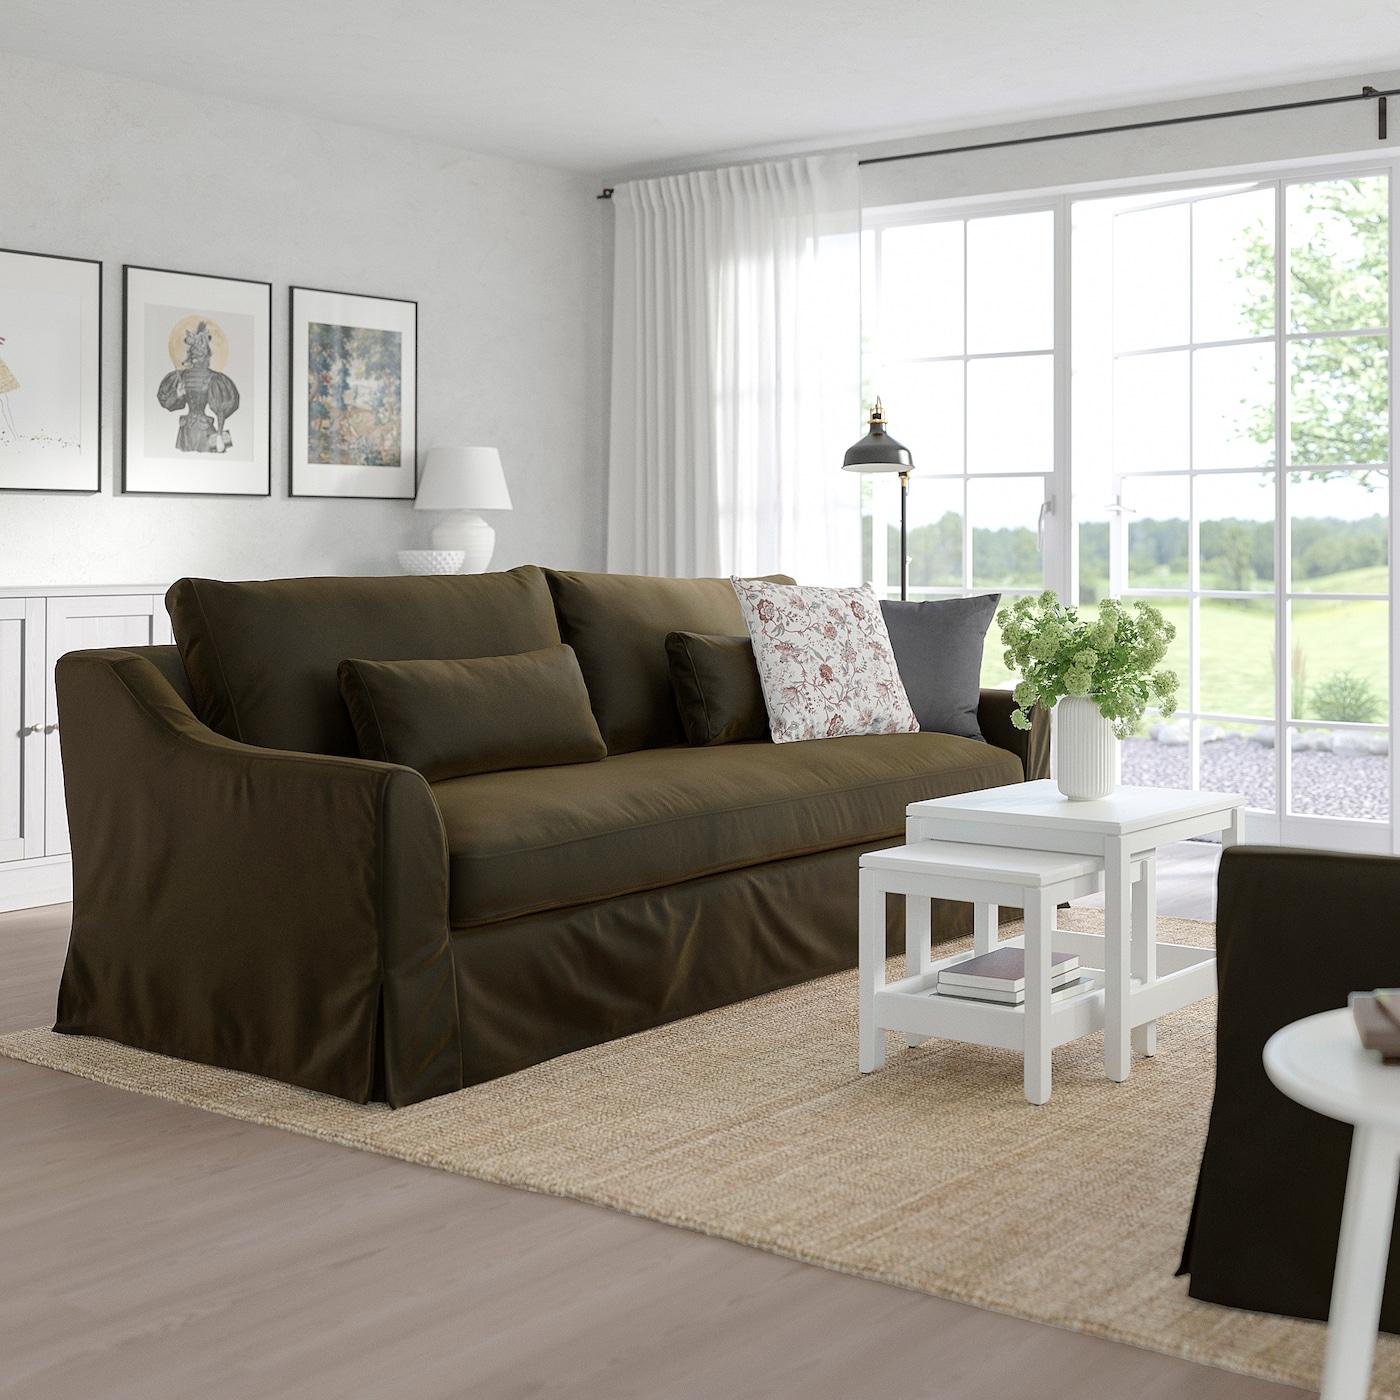 Farlov 3 Seat Sofa Djuparp Dark Olive Green Ikea